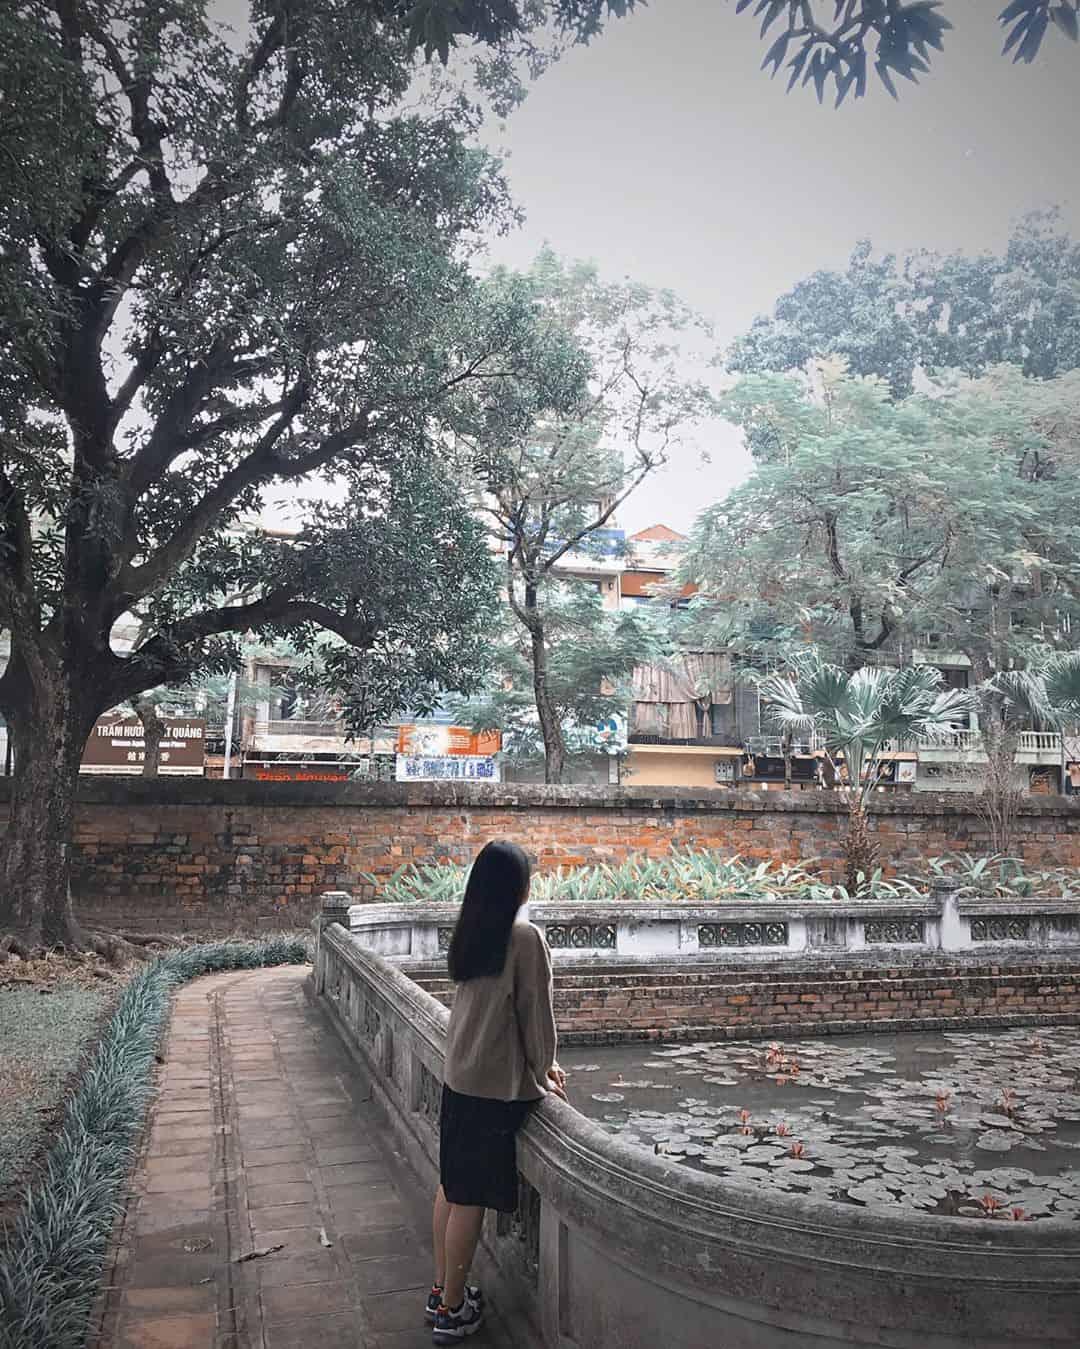 Một góc hồ trong Văn miếu. Ảnh: @pphanhuong